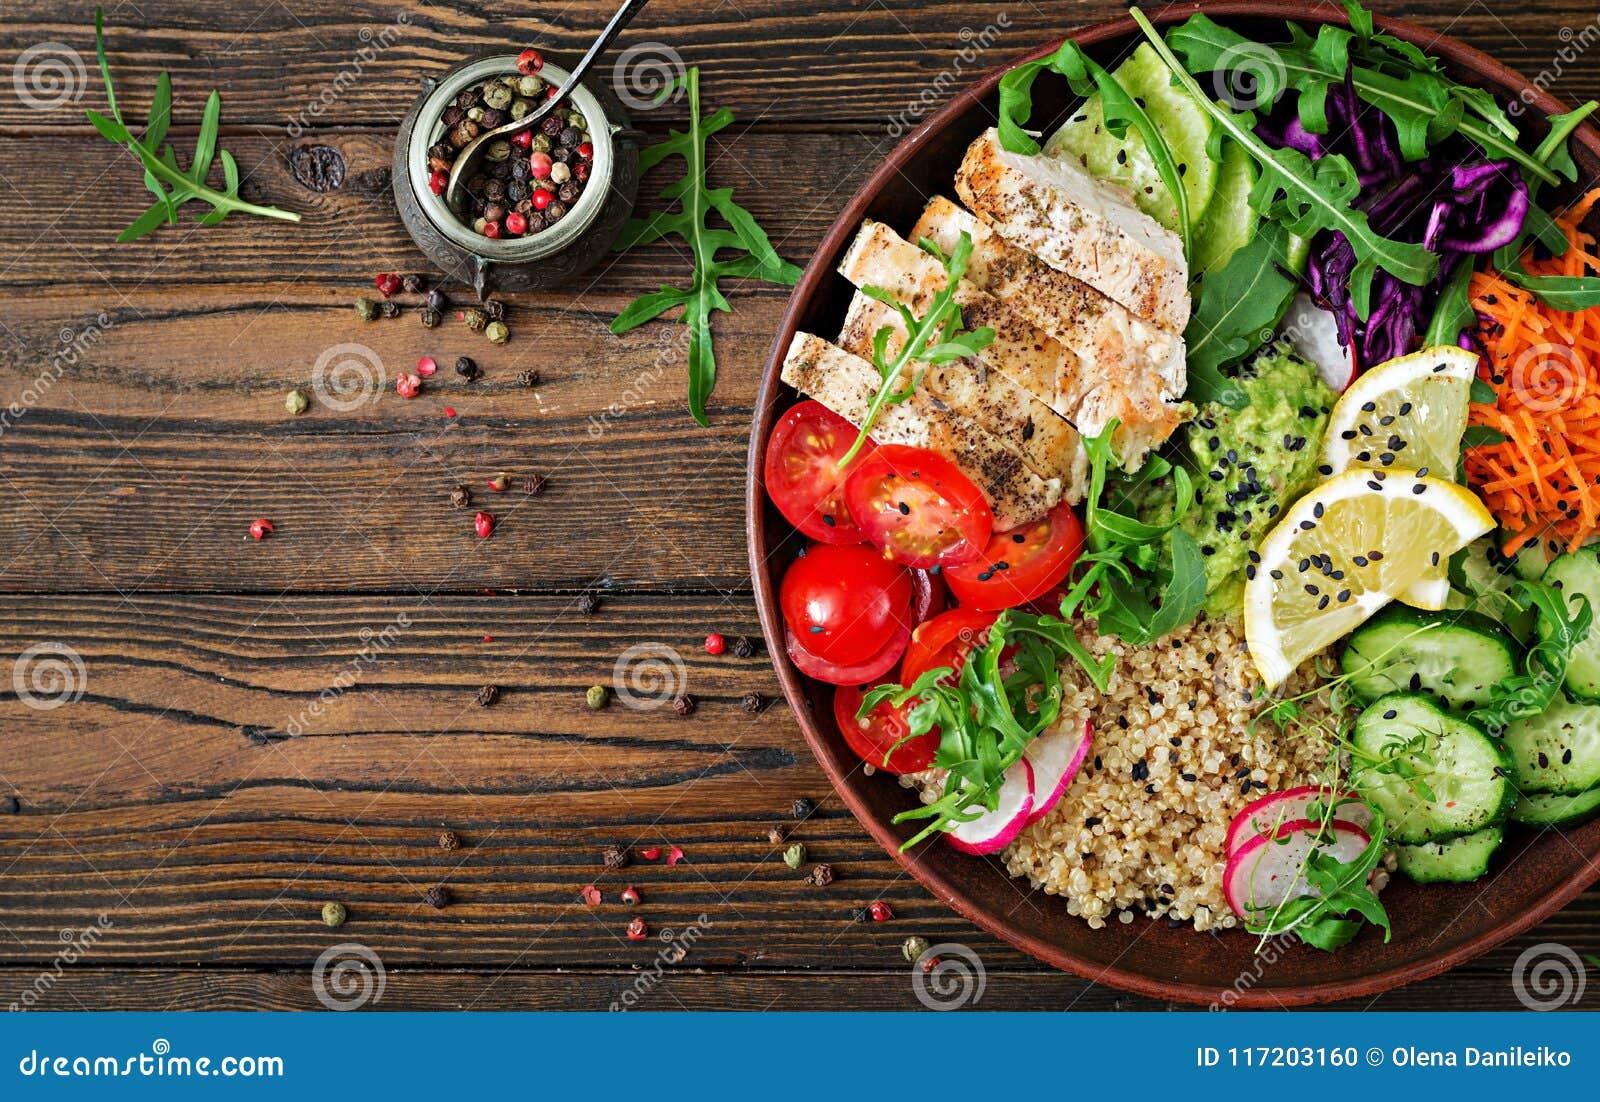 Обед шара Будды с зажаренными цыпленком и квиноа, томатом, гуакамоле